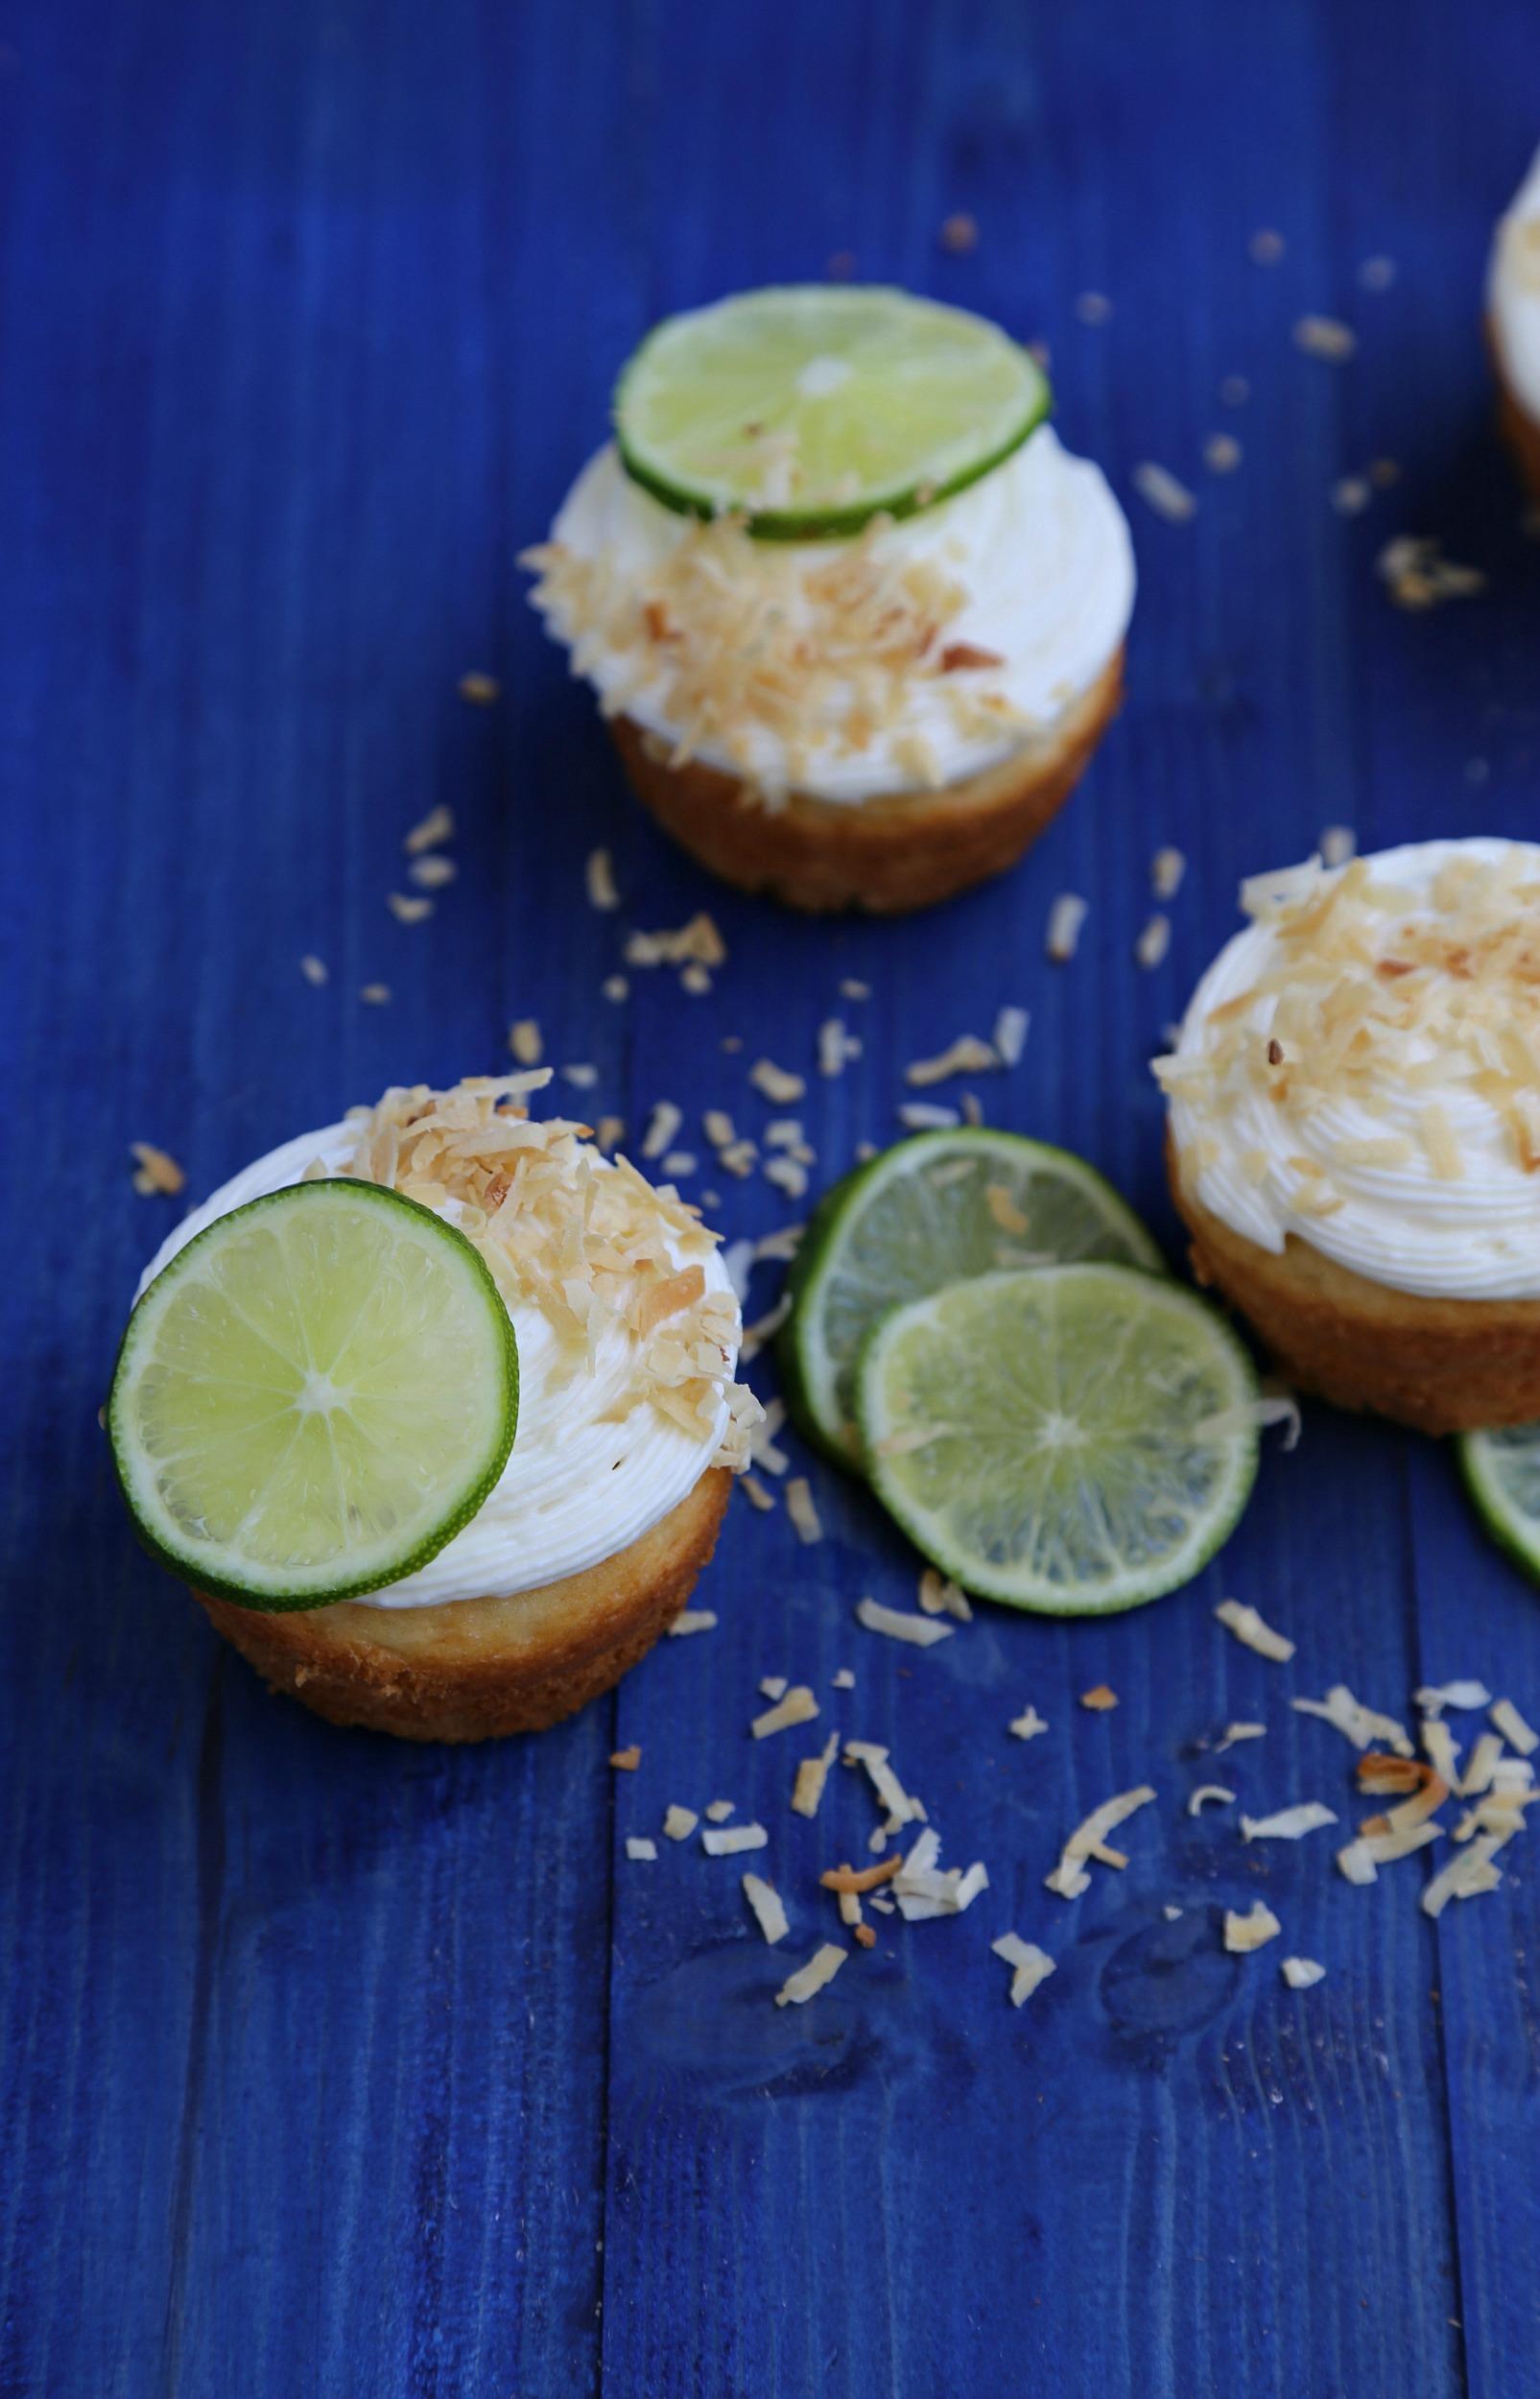 coconut-lime-cupcakes-vianneyrodriguez-sweetlifebake